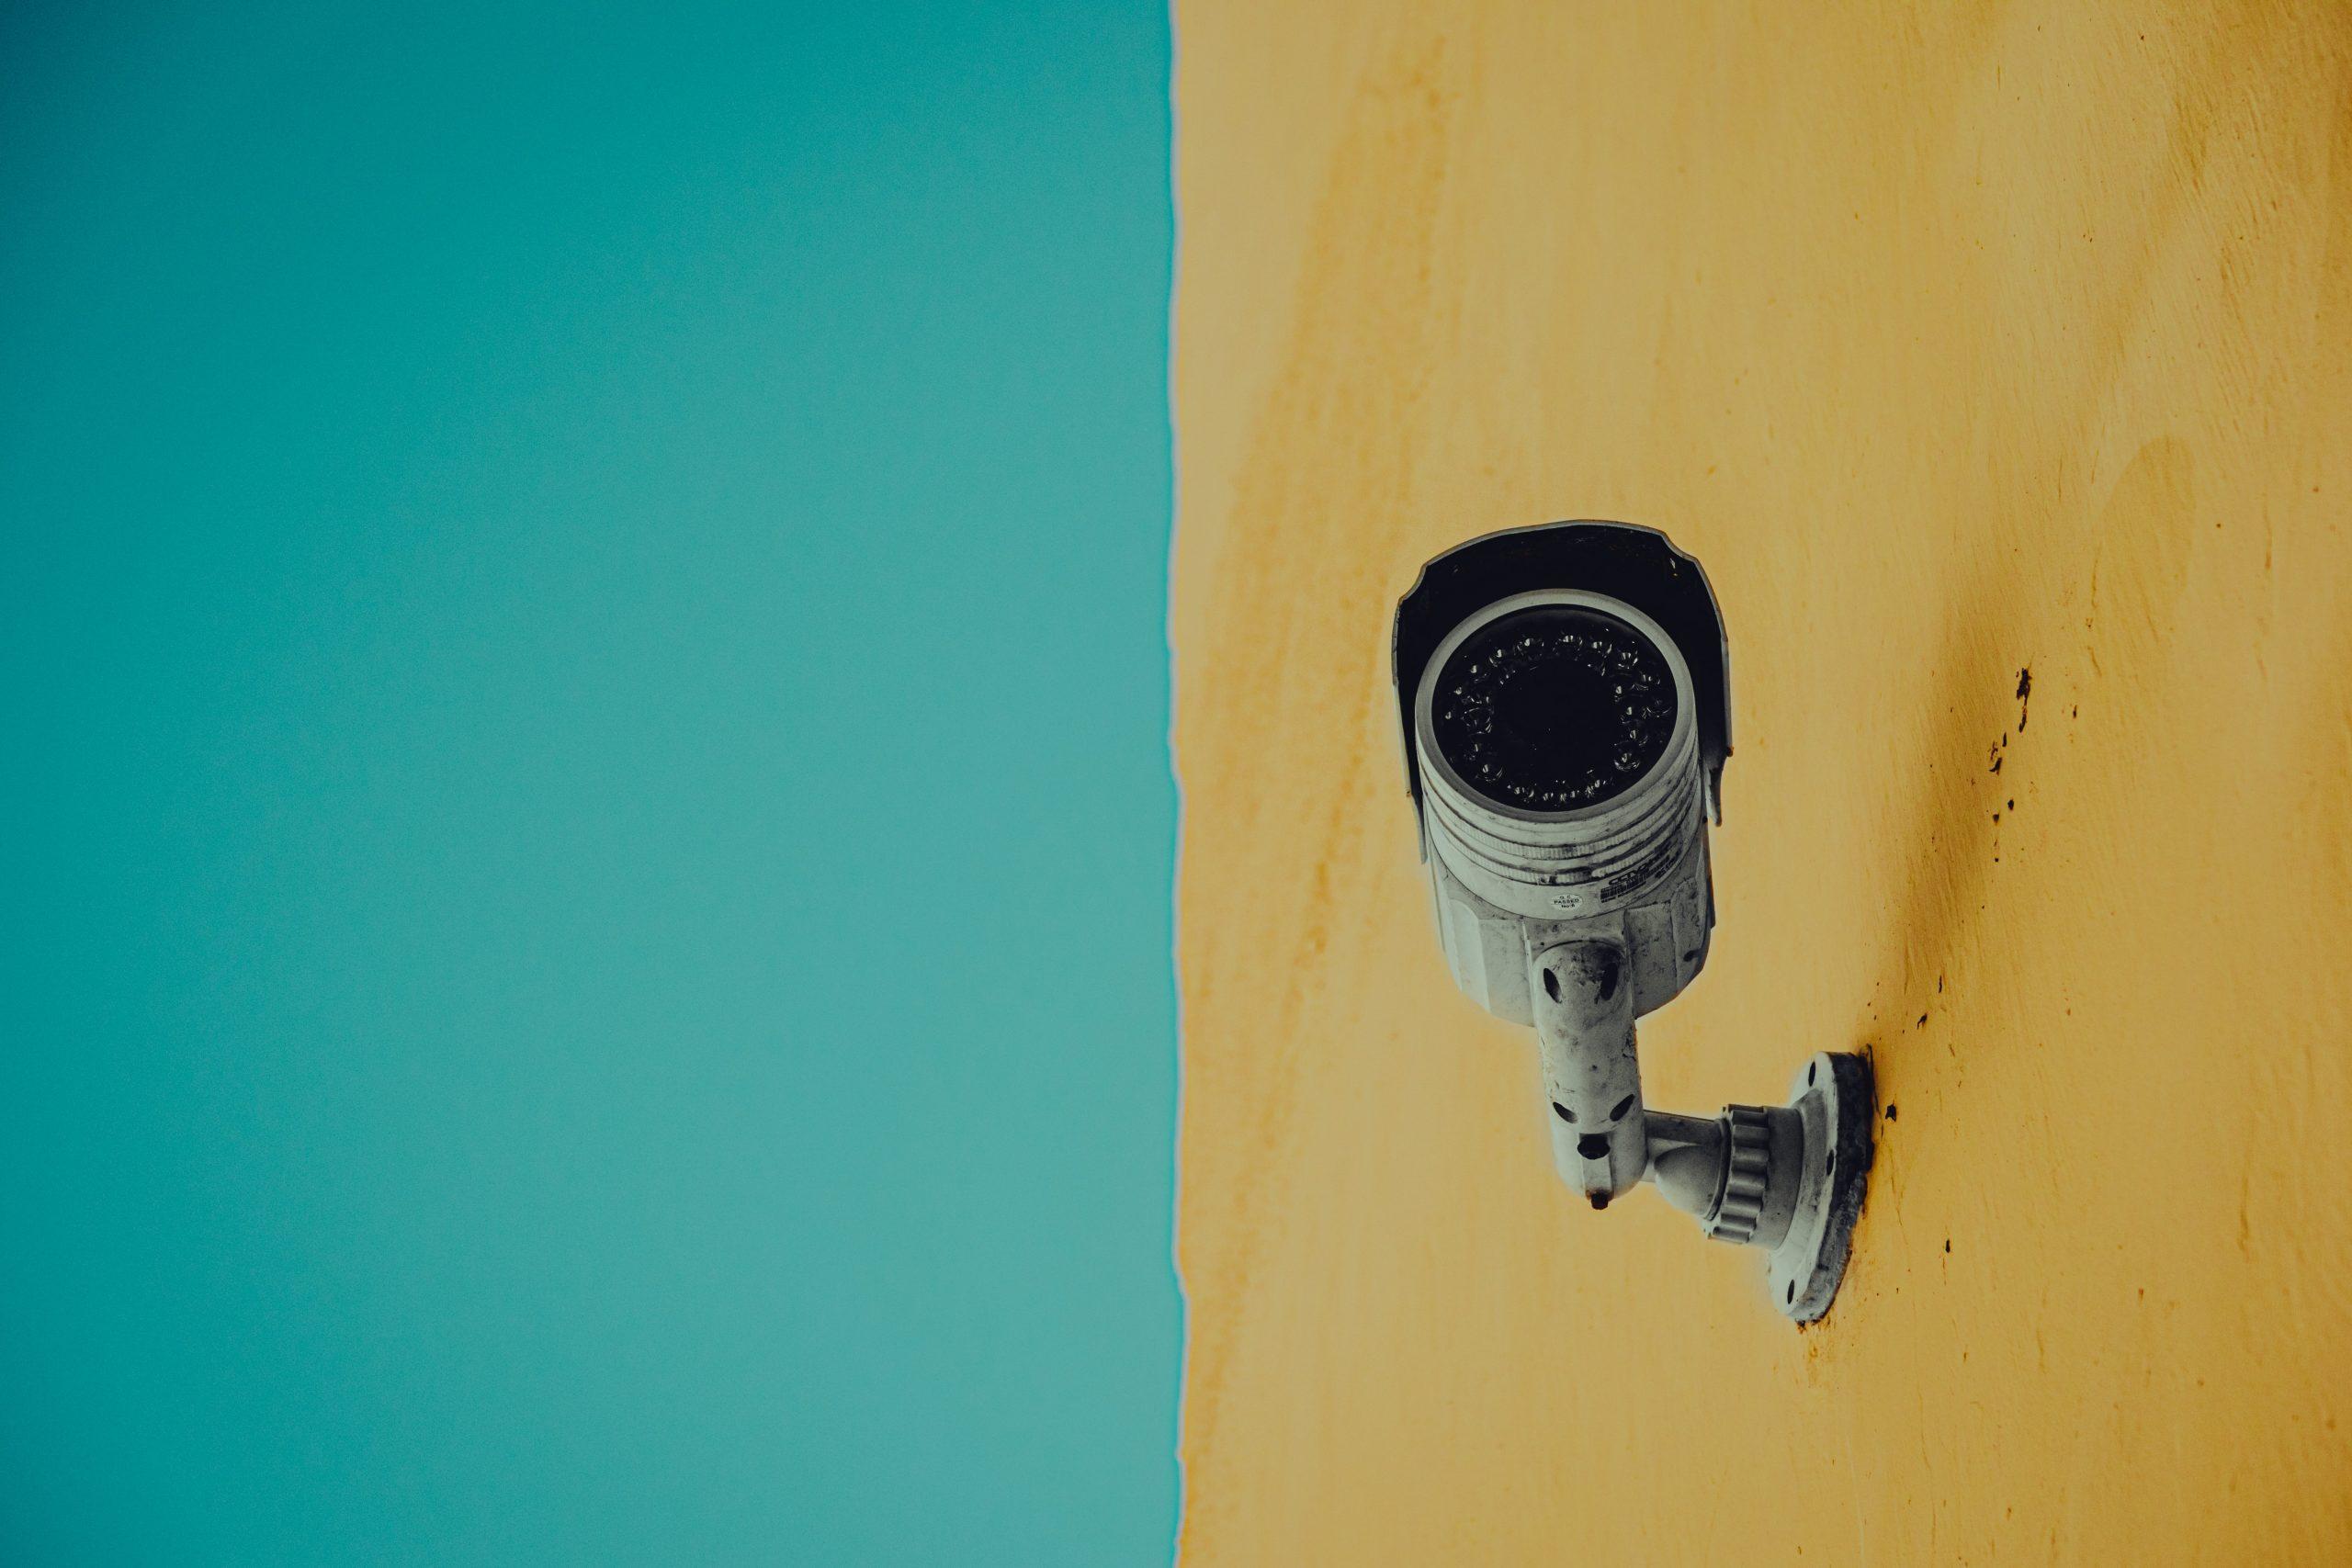 Überwachungskamera: Test & Empfehlungen (05/21)